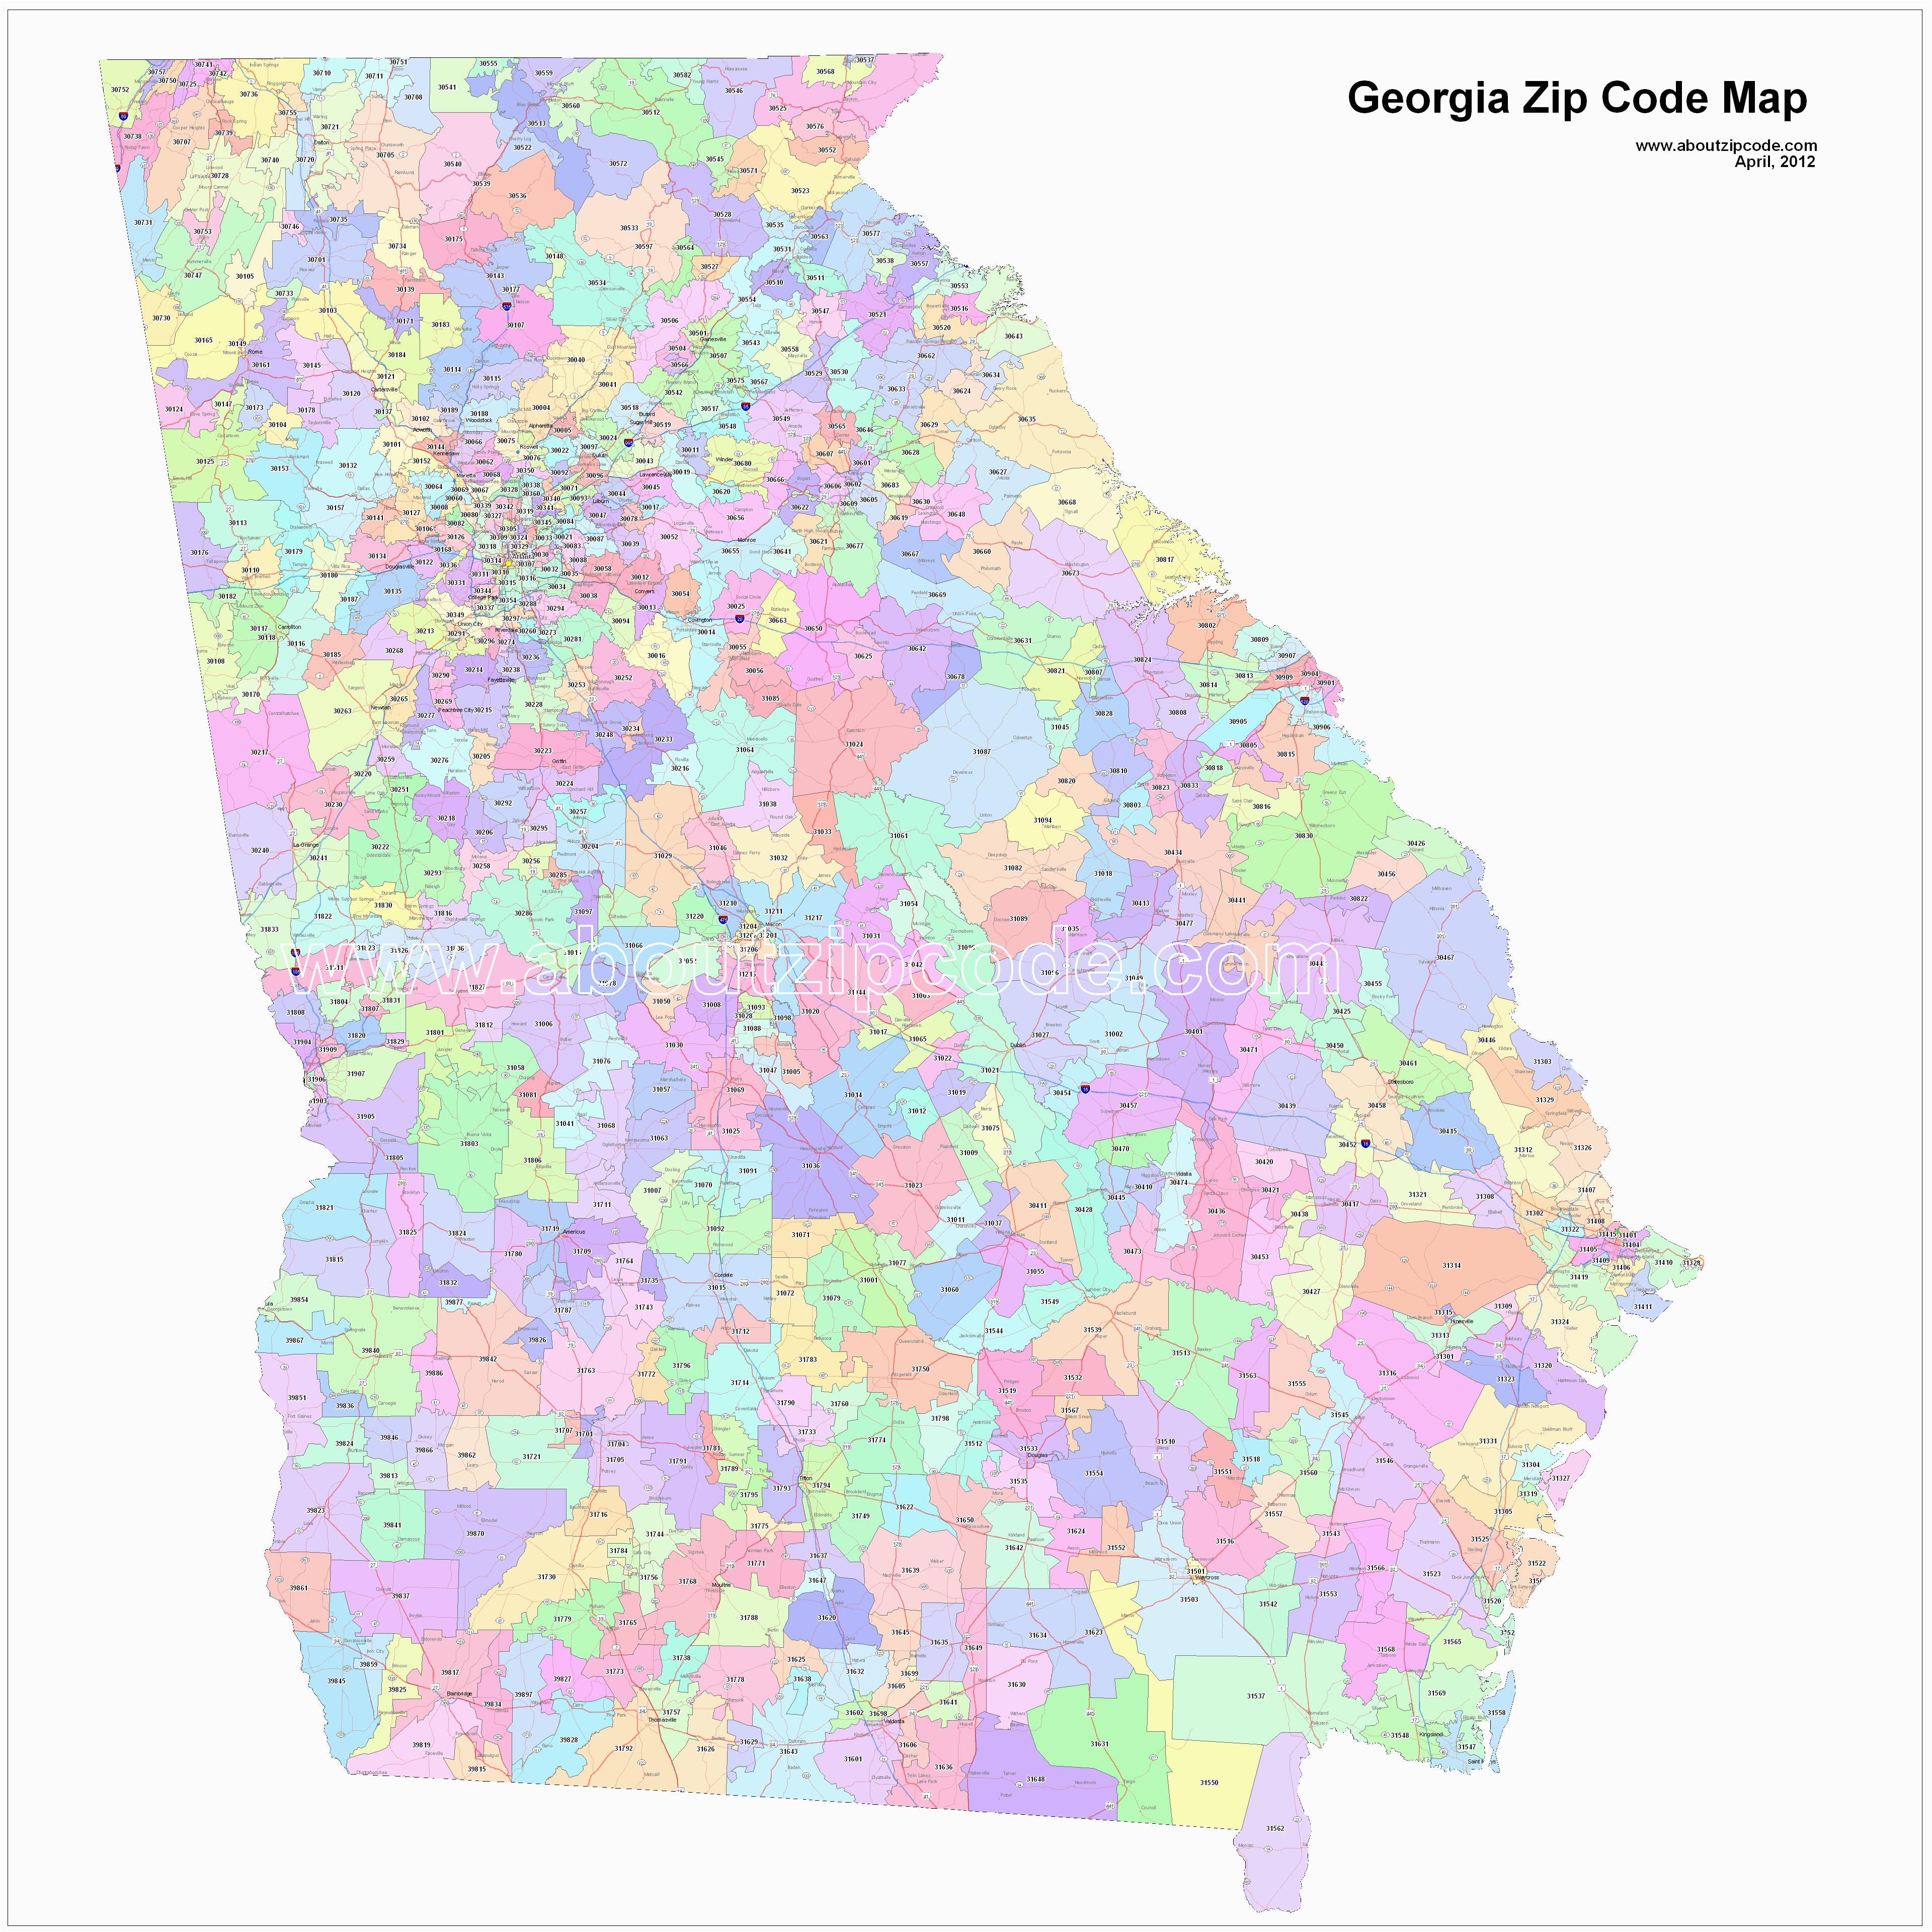 Atlanta Georgia Zip Code Map Georgia Zip Code Maps Free Georgia Zip Code Maps